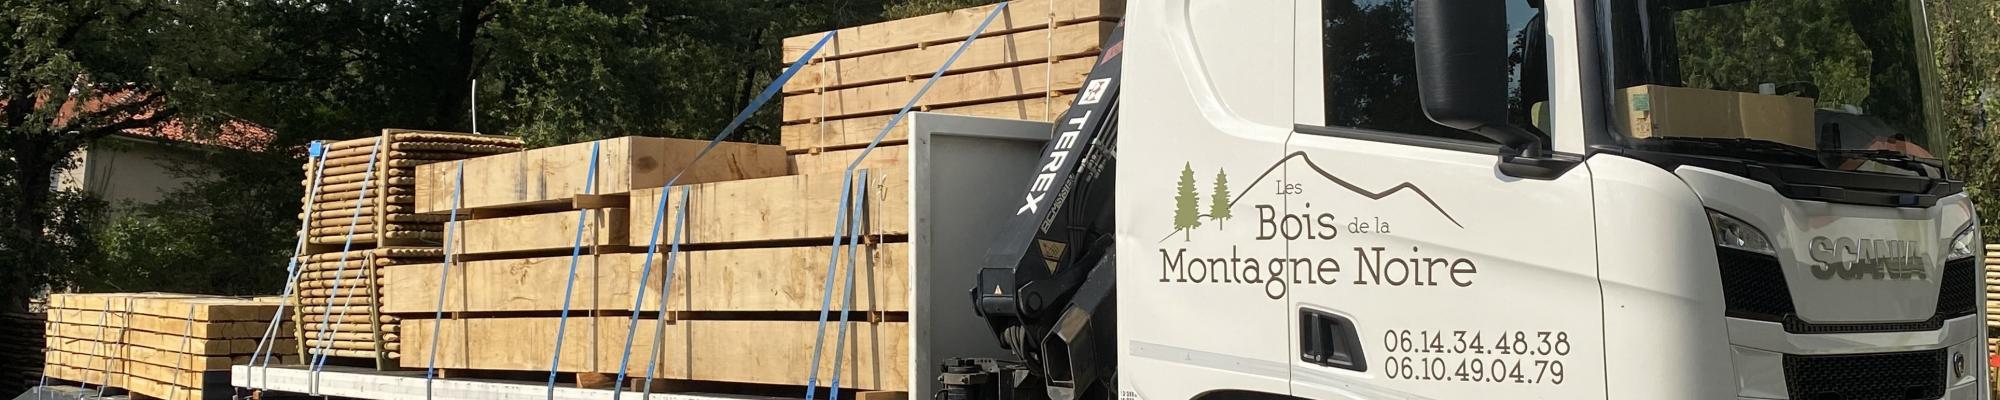 Camion de livraison Bois de la Montagne Noire